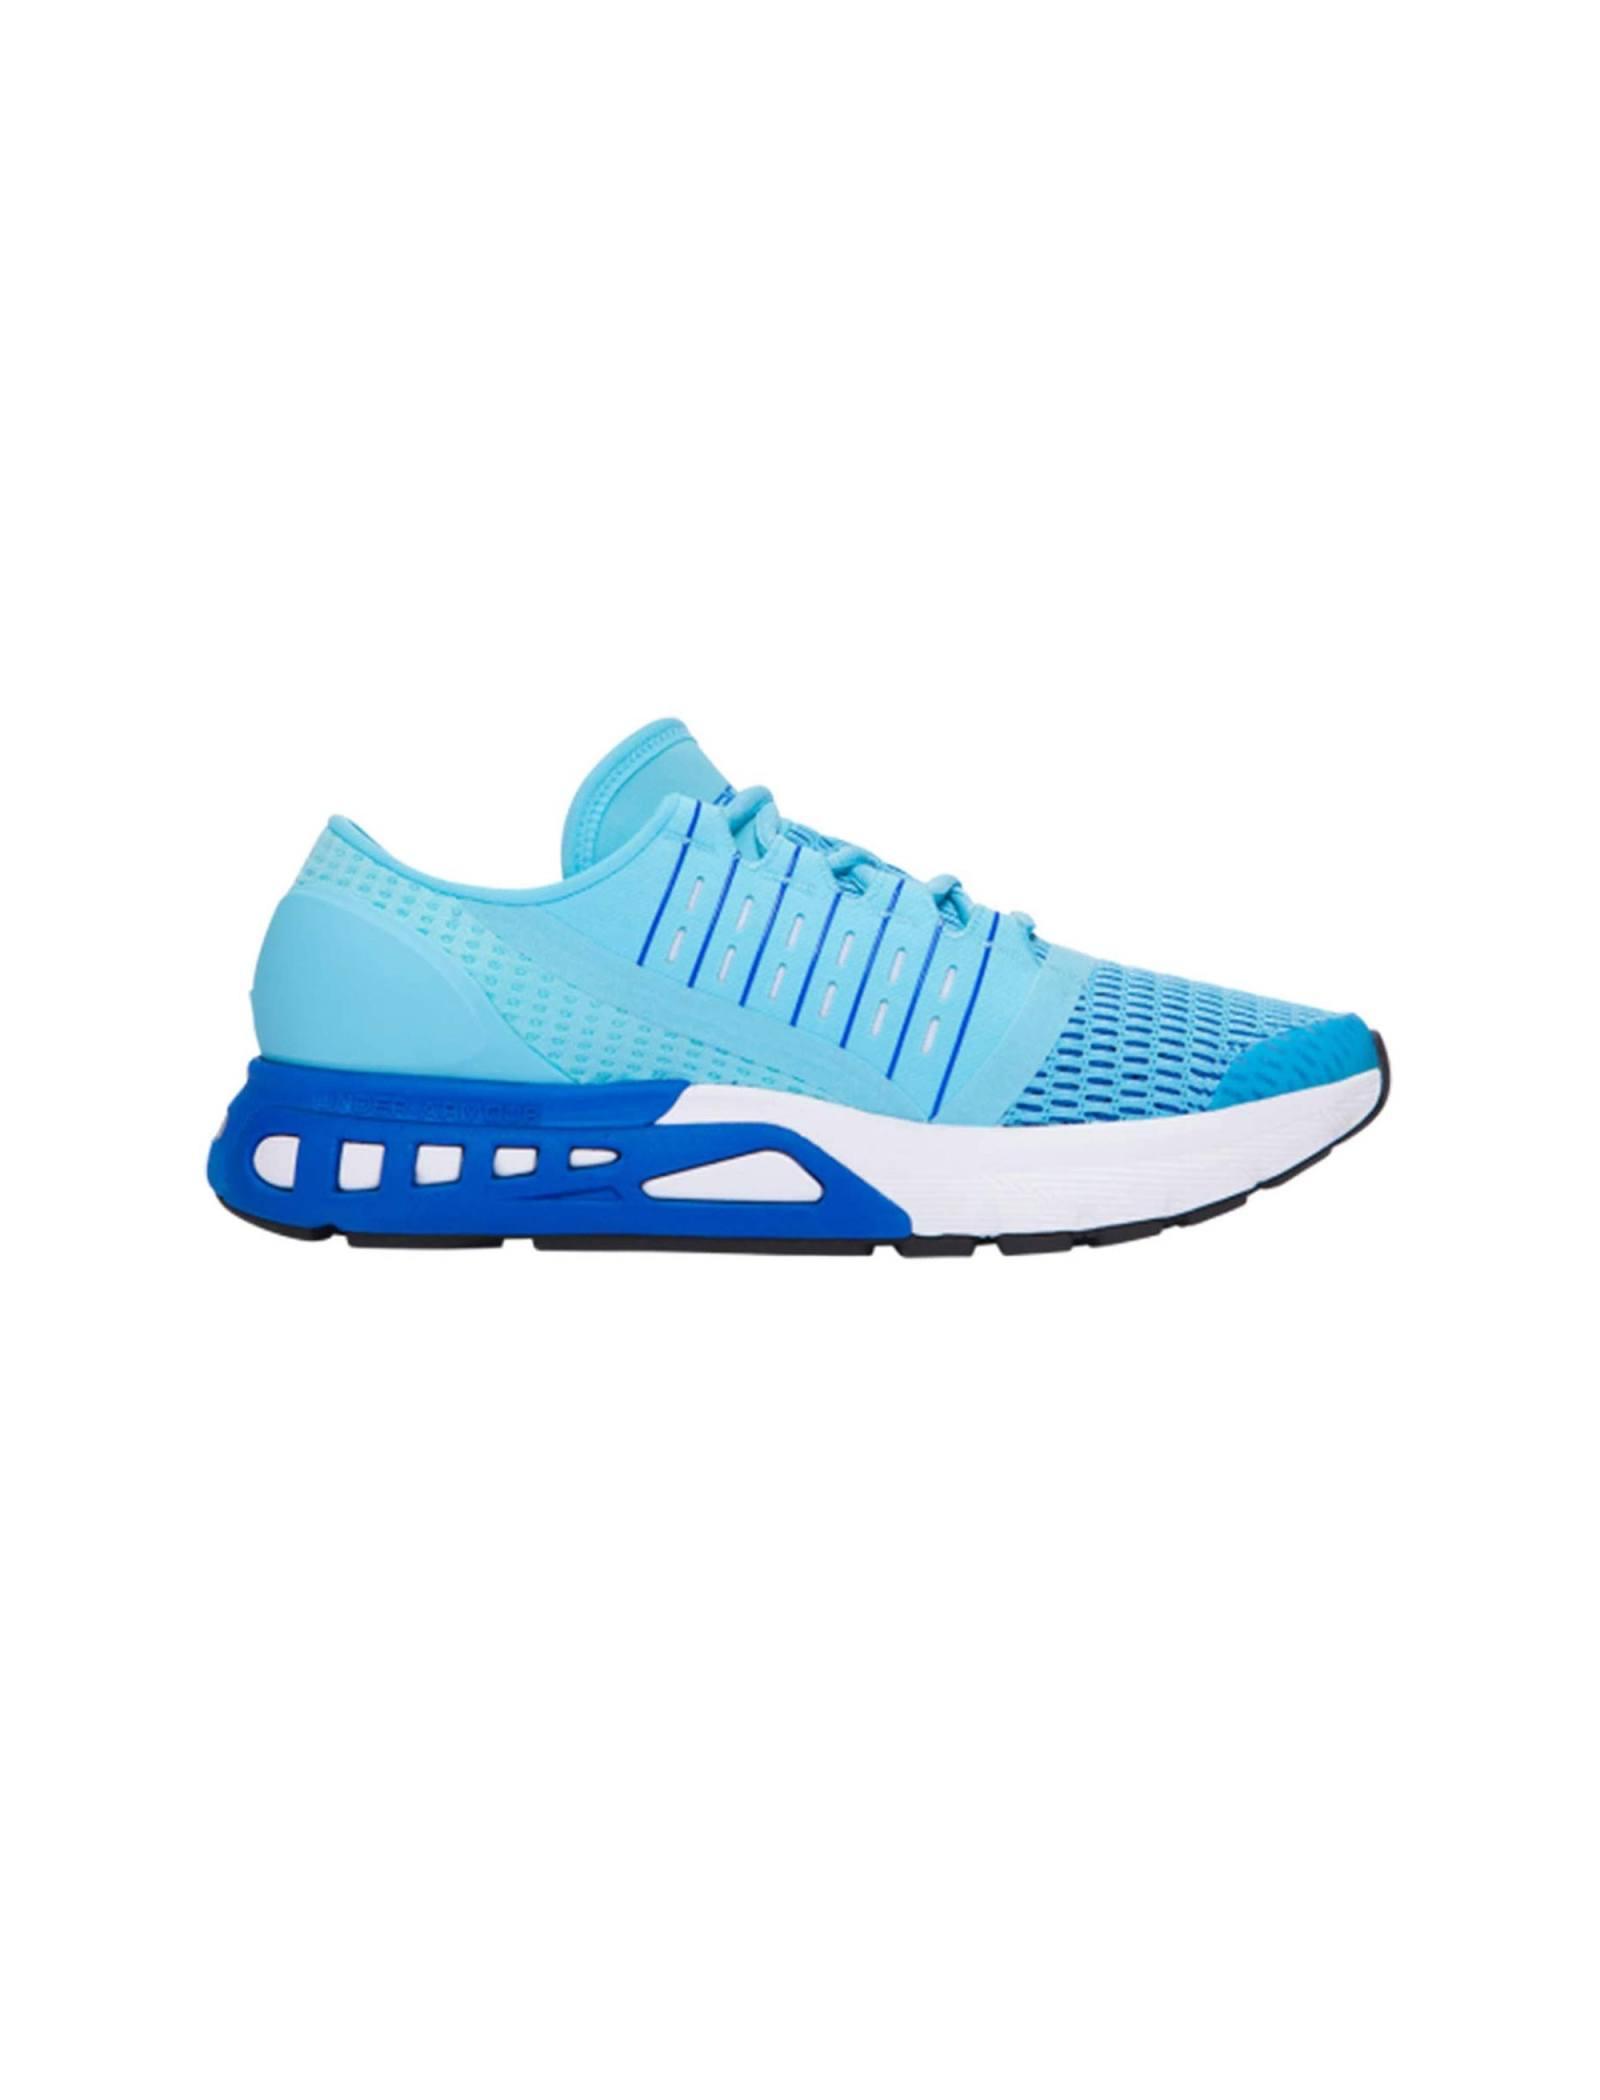 کفش دویدن بندی زنانه SpeedForm Europa - آندر آرمور - آبي - 1